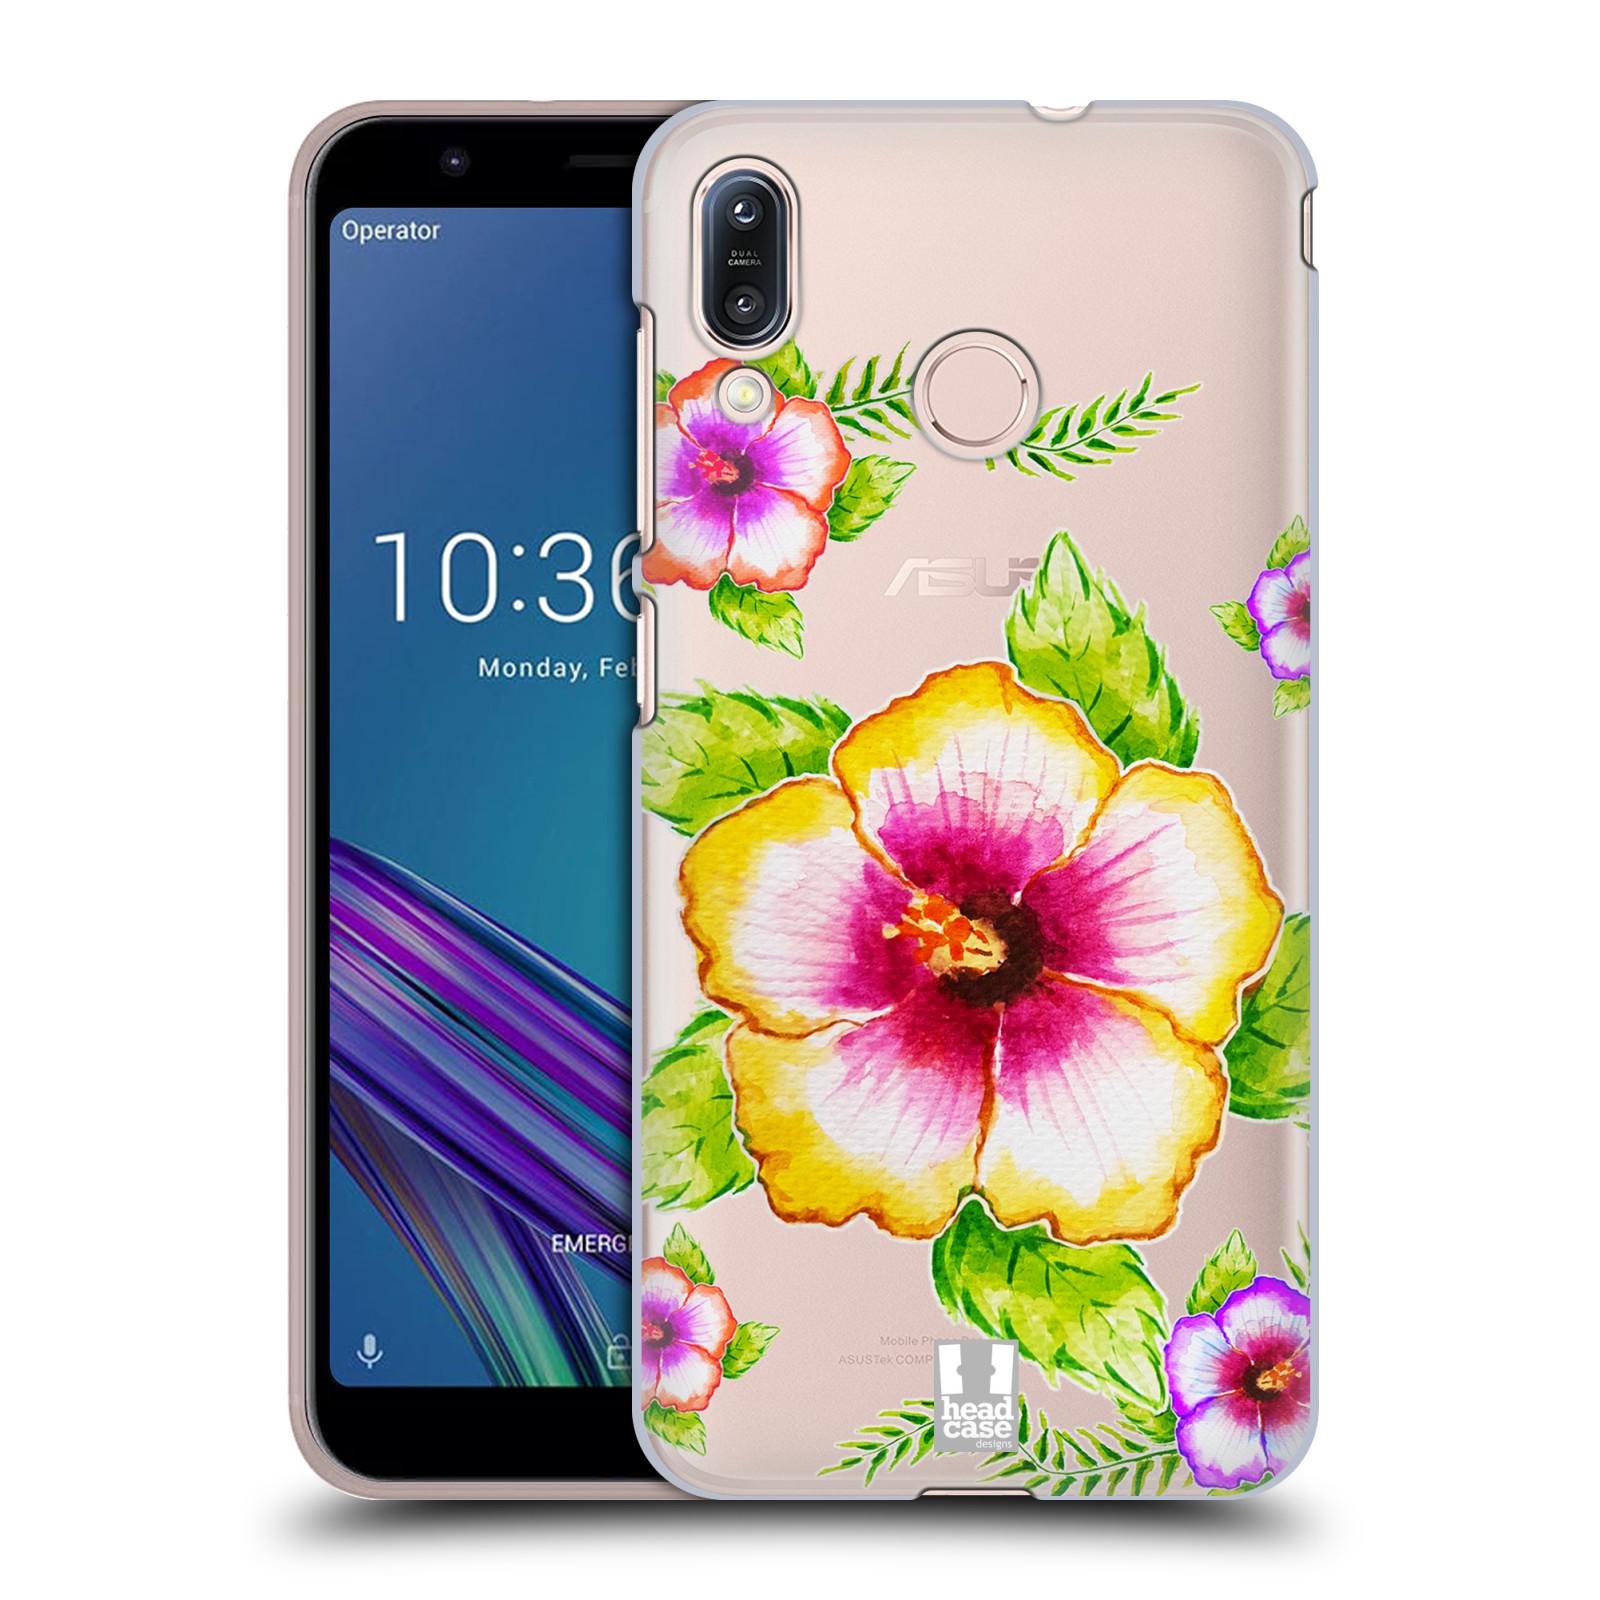 Pouzdro na mobil Asus Zenfone Max M1 (ZB555KL) - HEAD CASE - Květina Ibišek vodní barvy